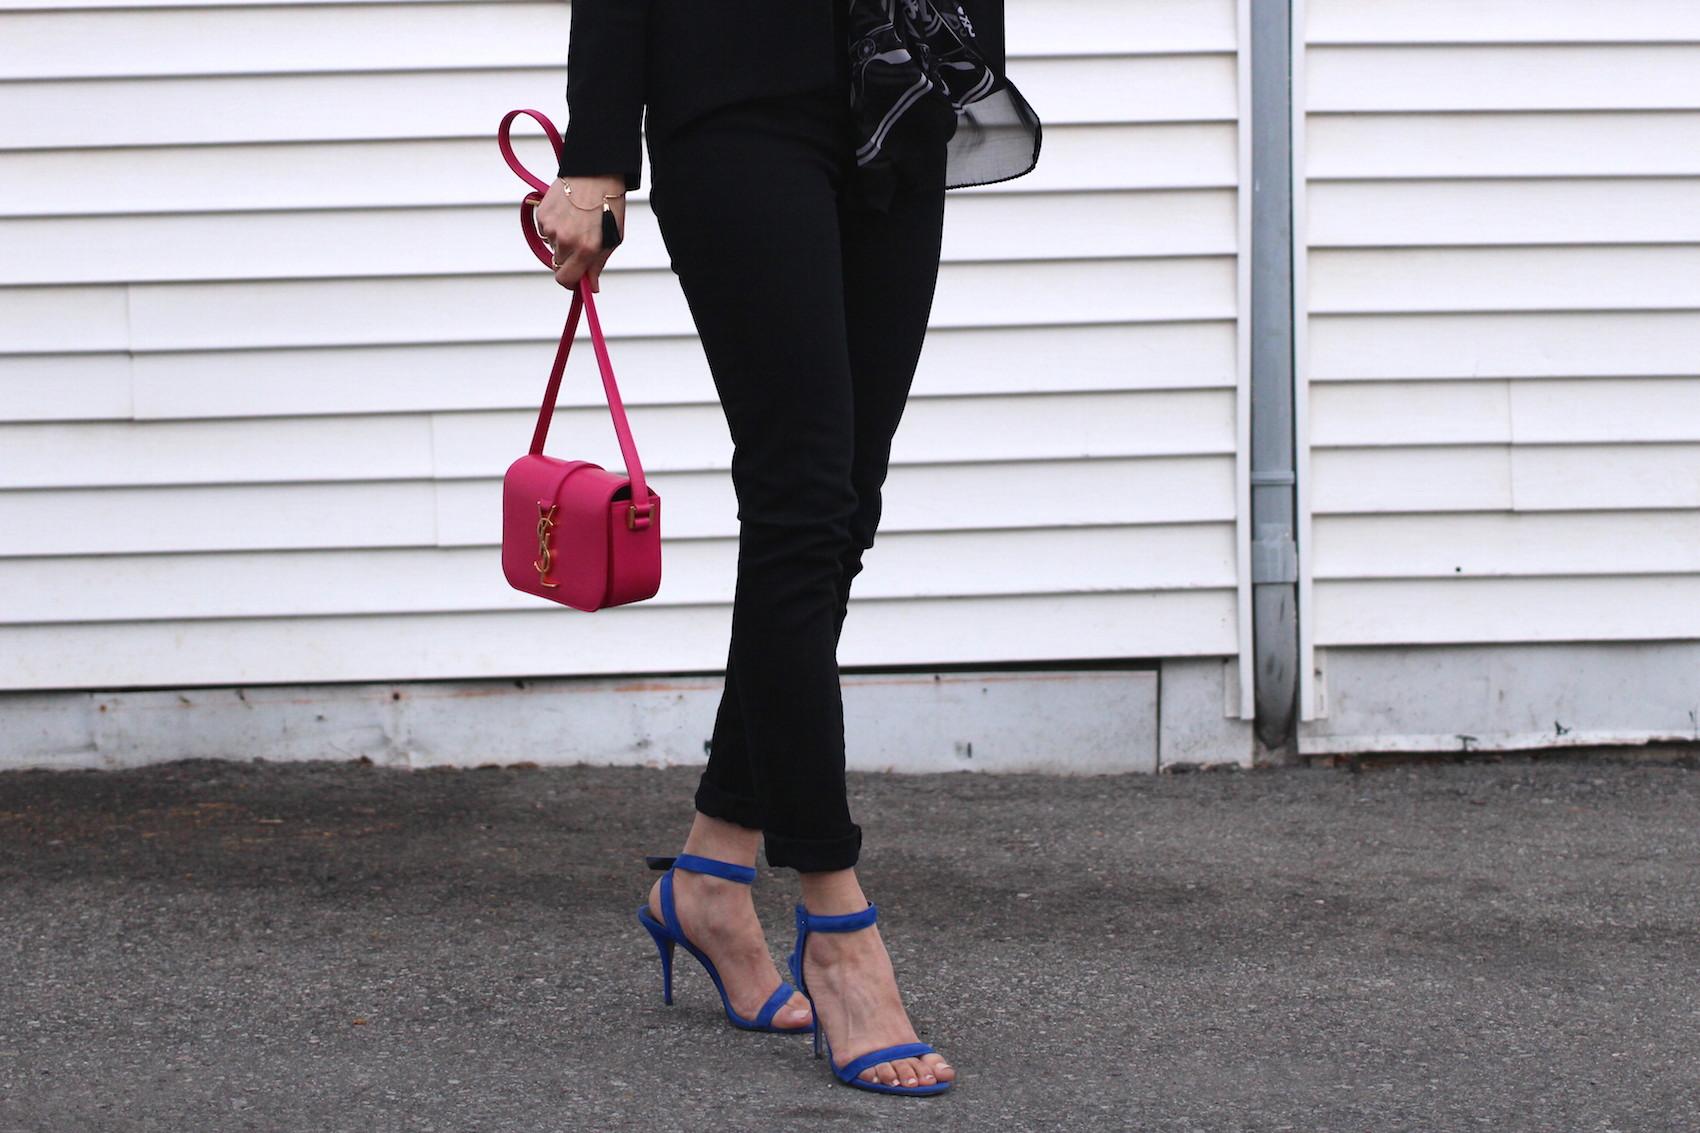 WoahStyle.com | Jbrand black skinny jeans, Saint Laurent YSL monogram cross body bag in pink, bright blue Alexander Wang Antonia heel sandals #streetstyle.JPG